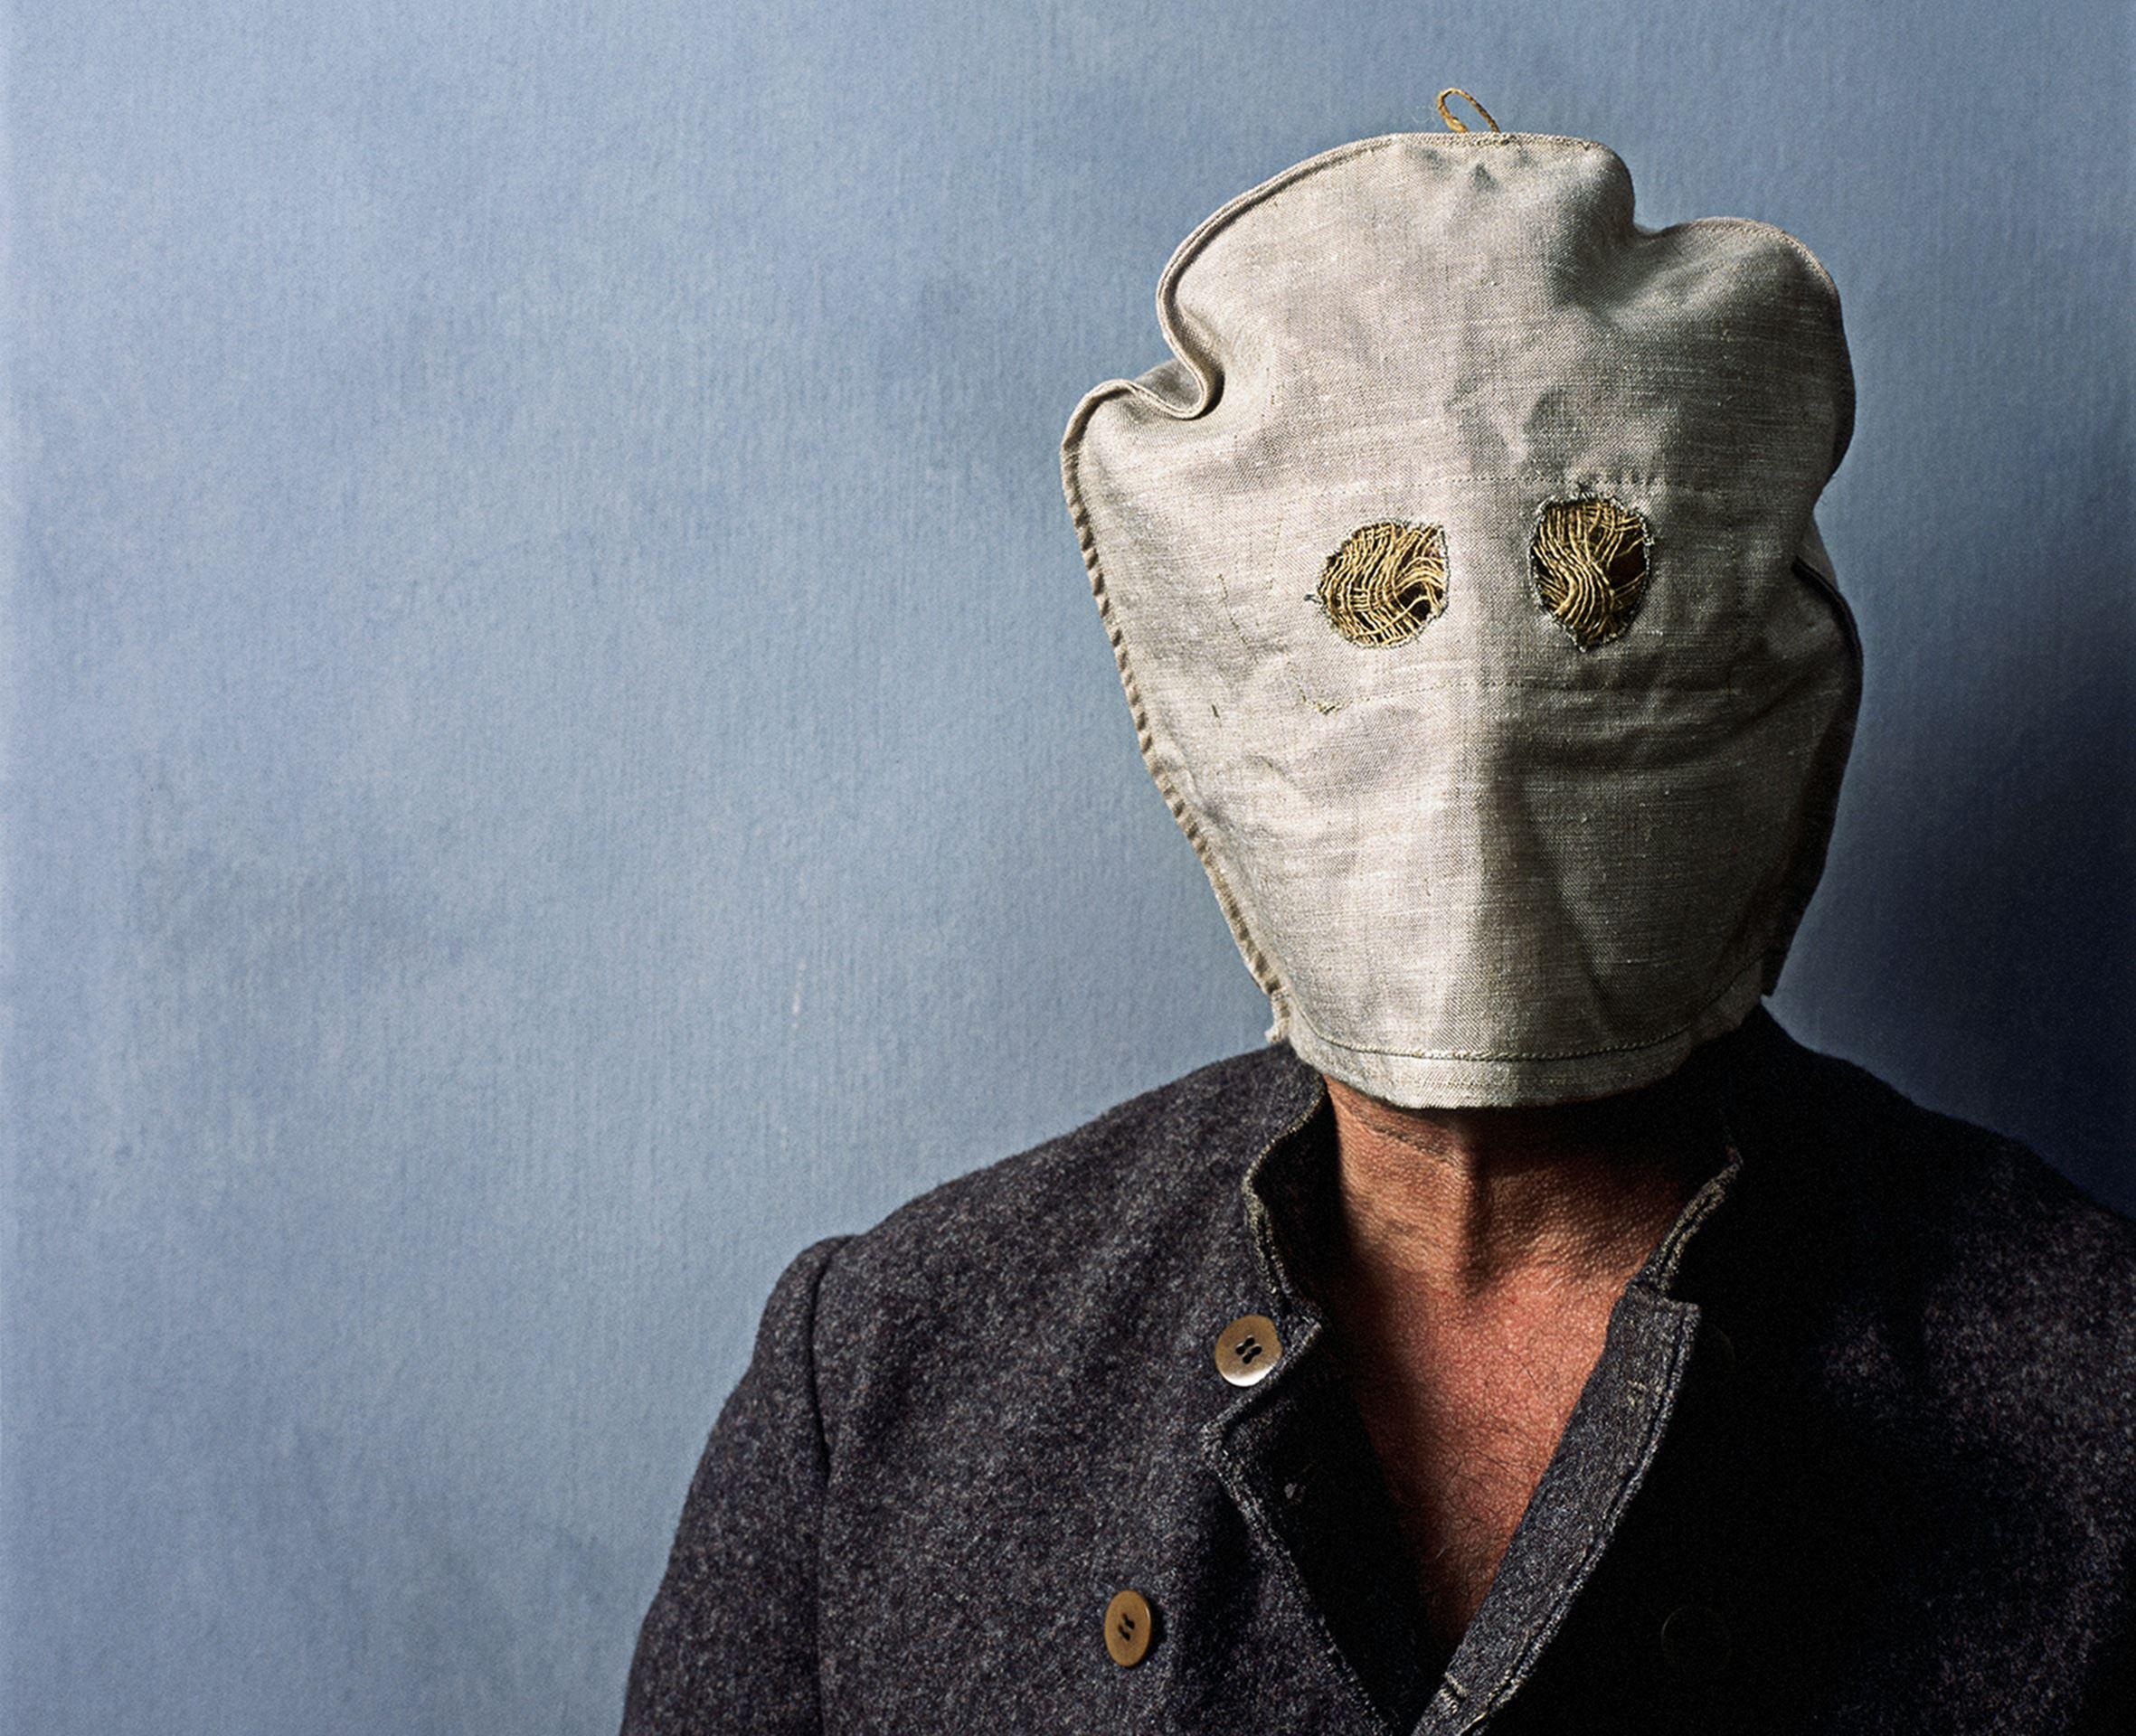 © sveriges fängelsemuseum, En man som bär en fångmask.